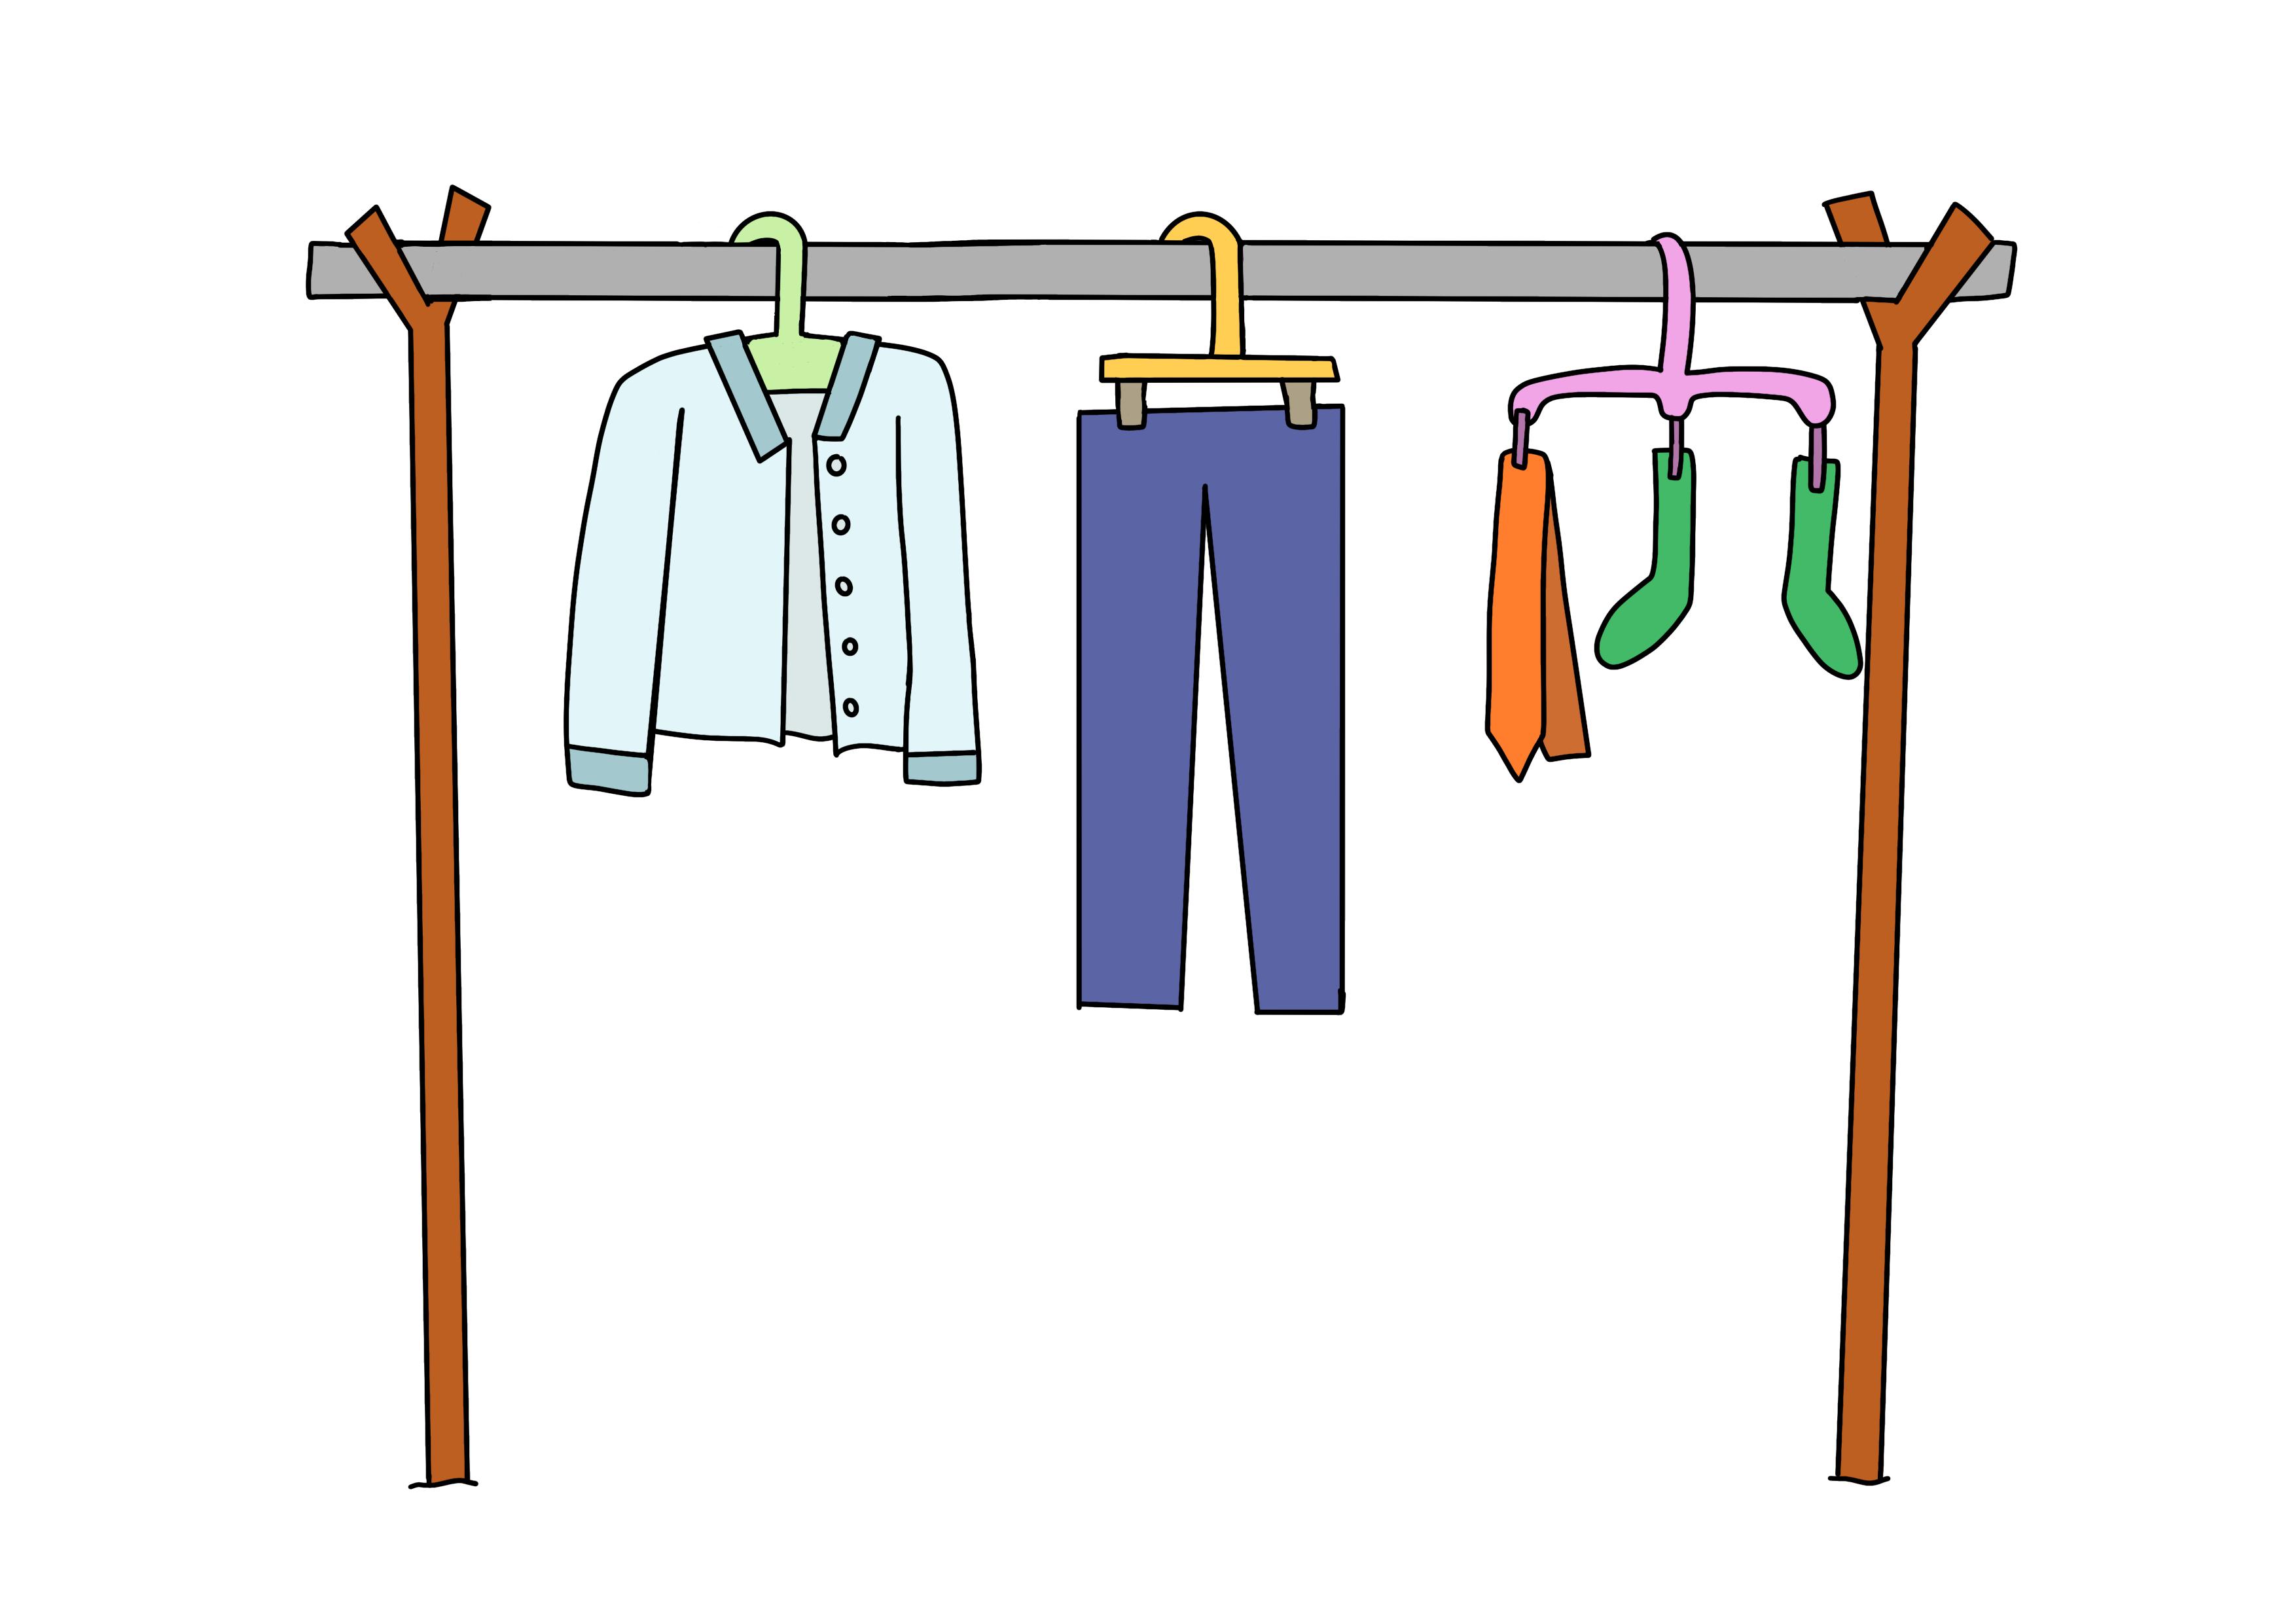 44課イラスト【洗濯物を乾かす】